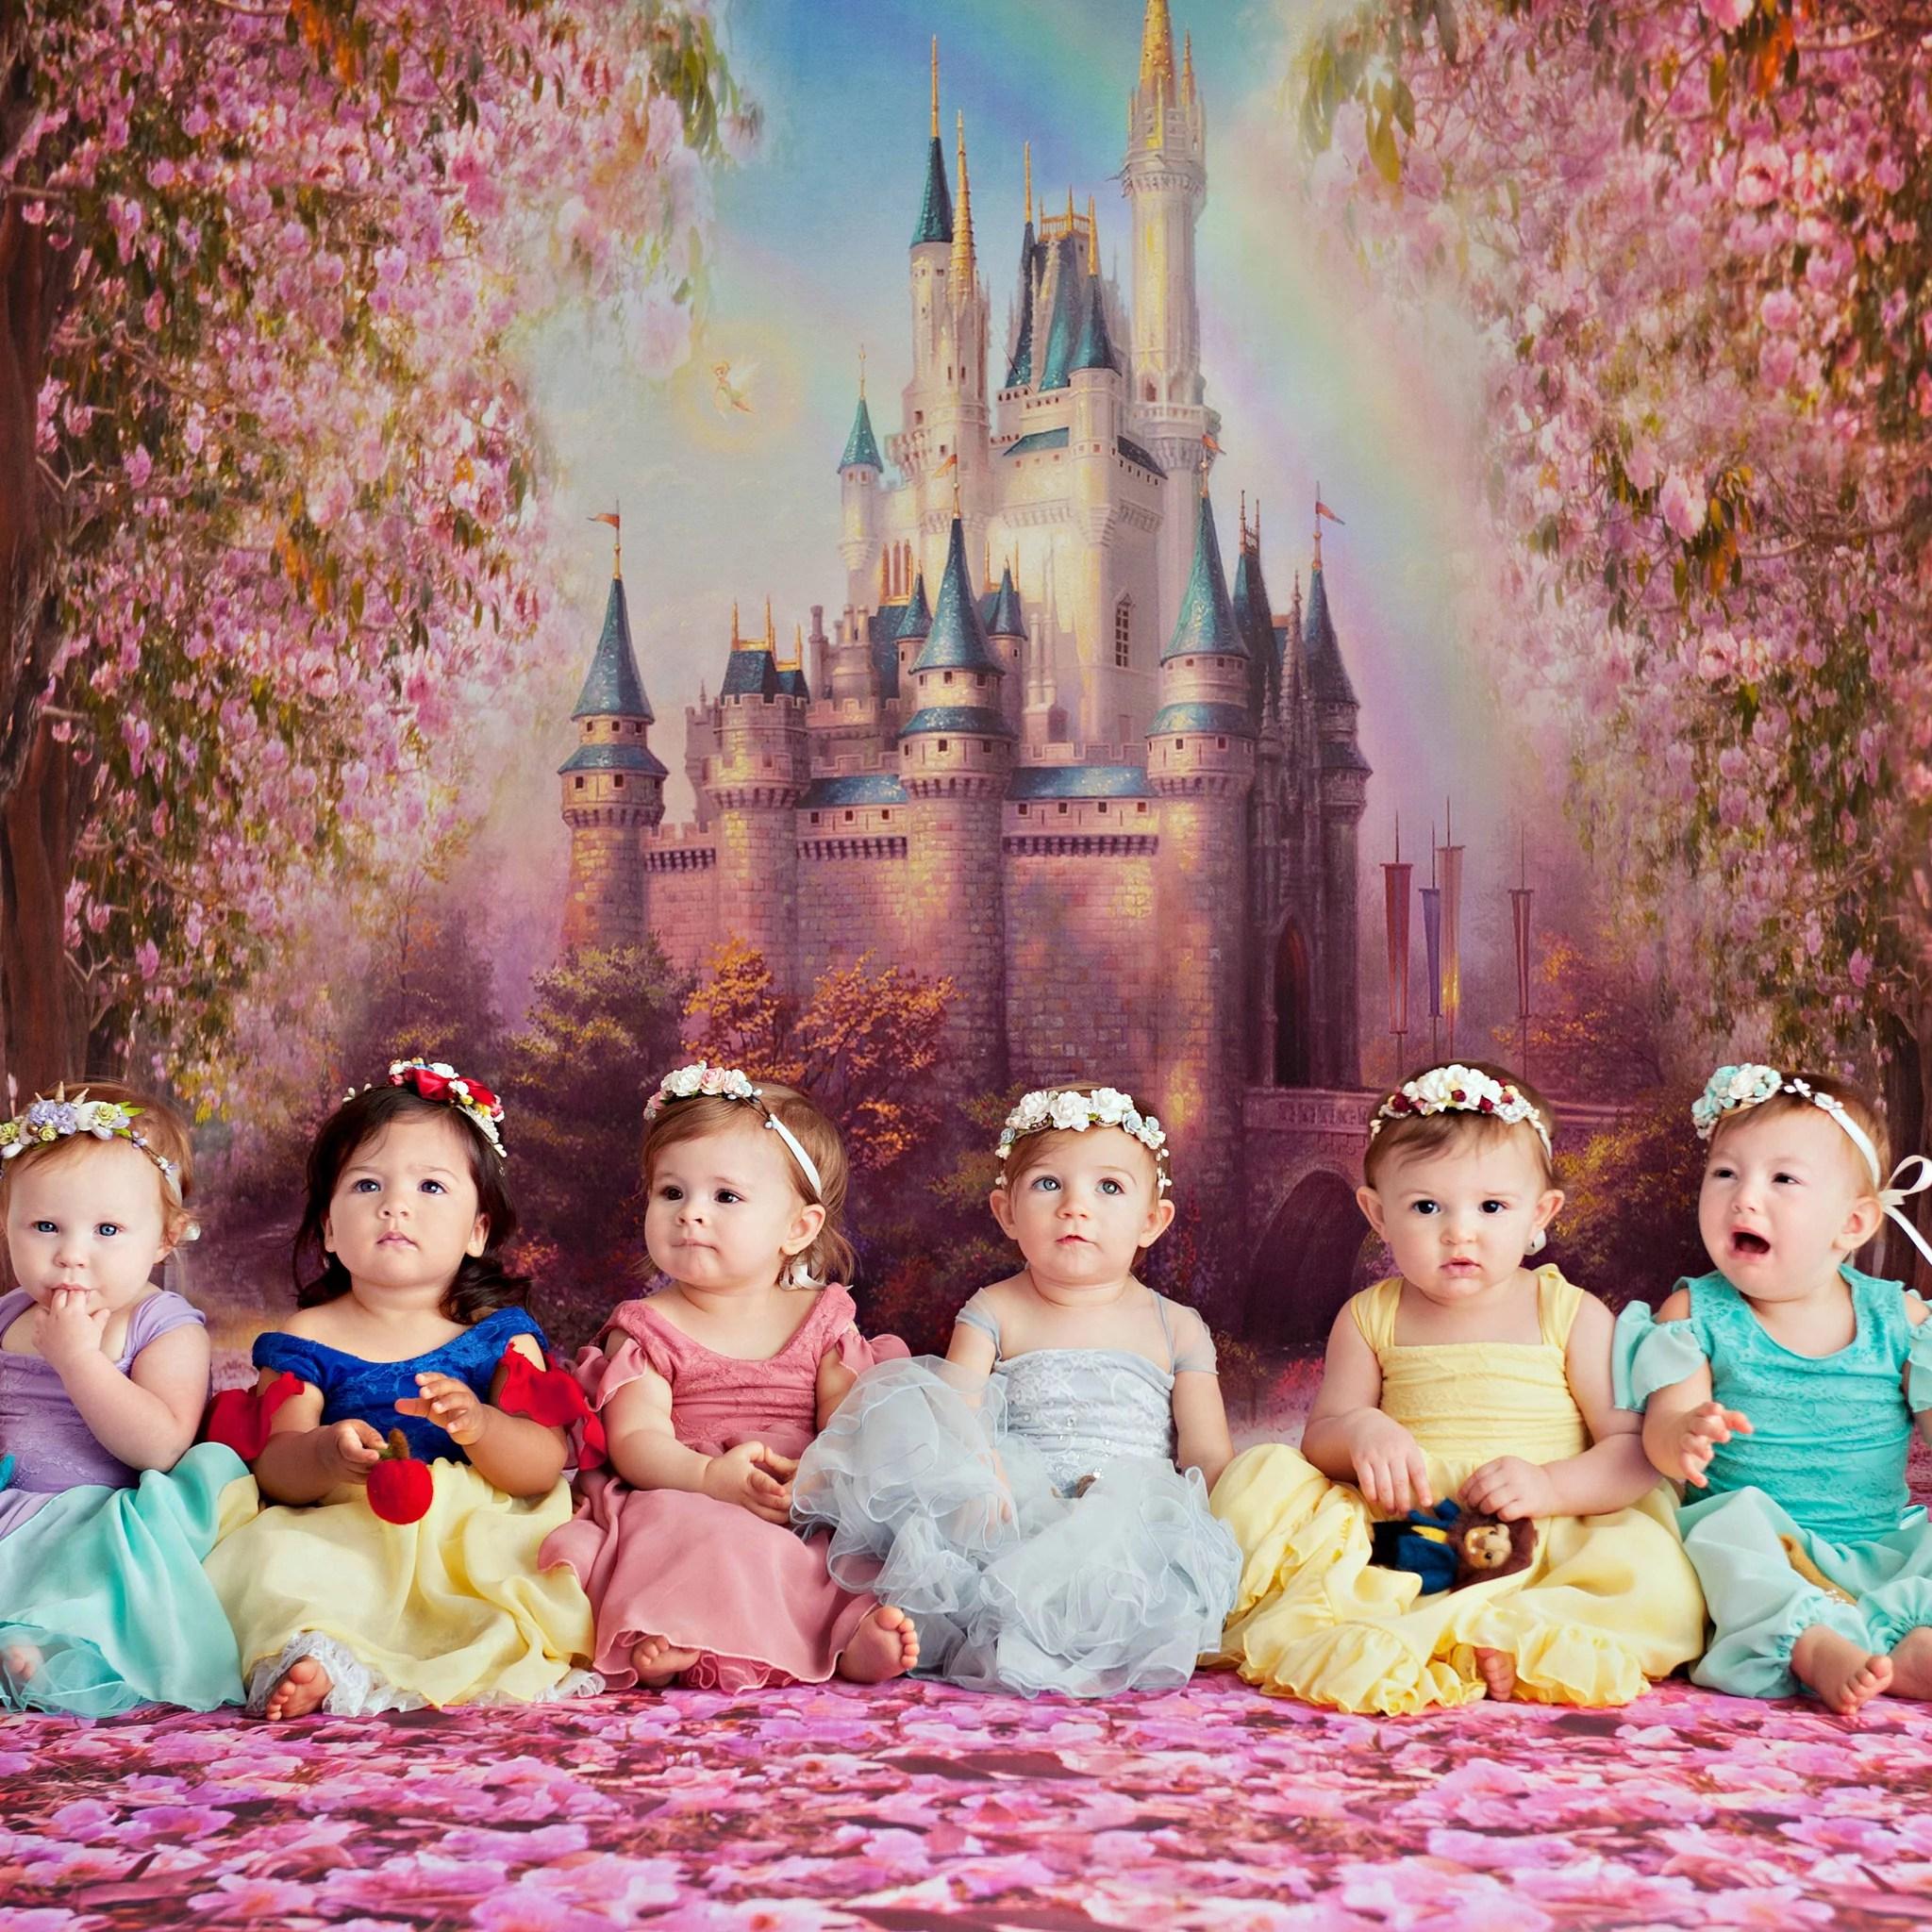 Babies Dressed As Disney Princesses For Cake Smash Photos Popsugar Family